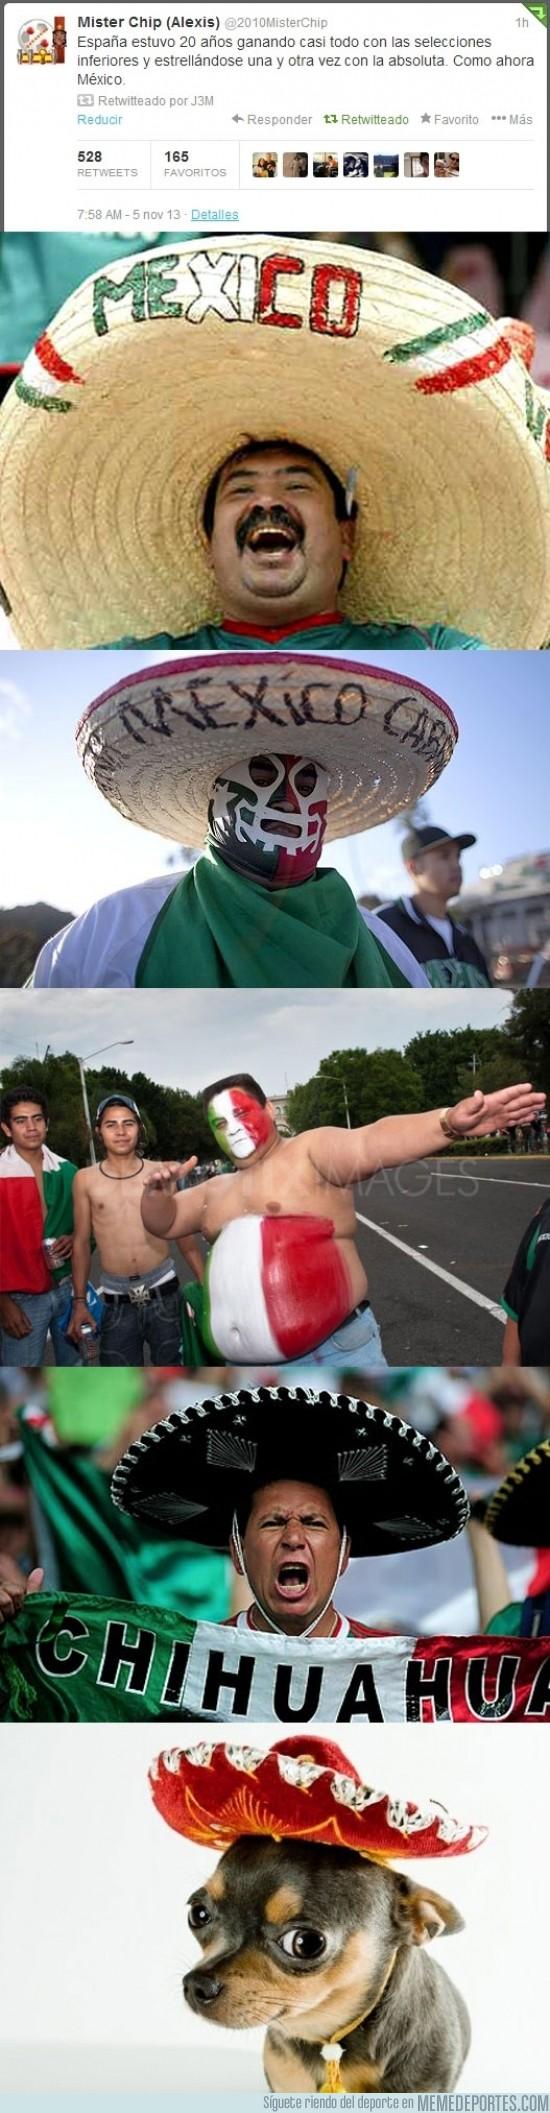 204005 - Todo pinta bien para los mexicanos